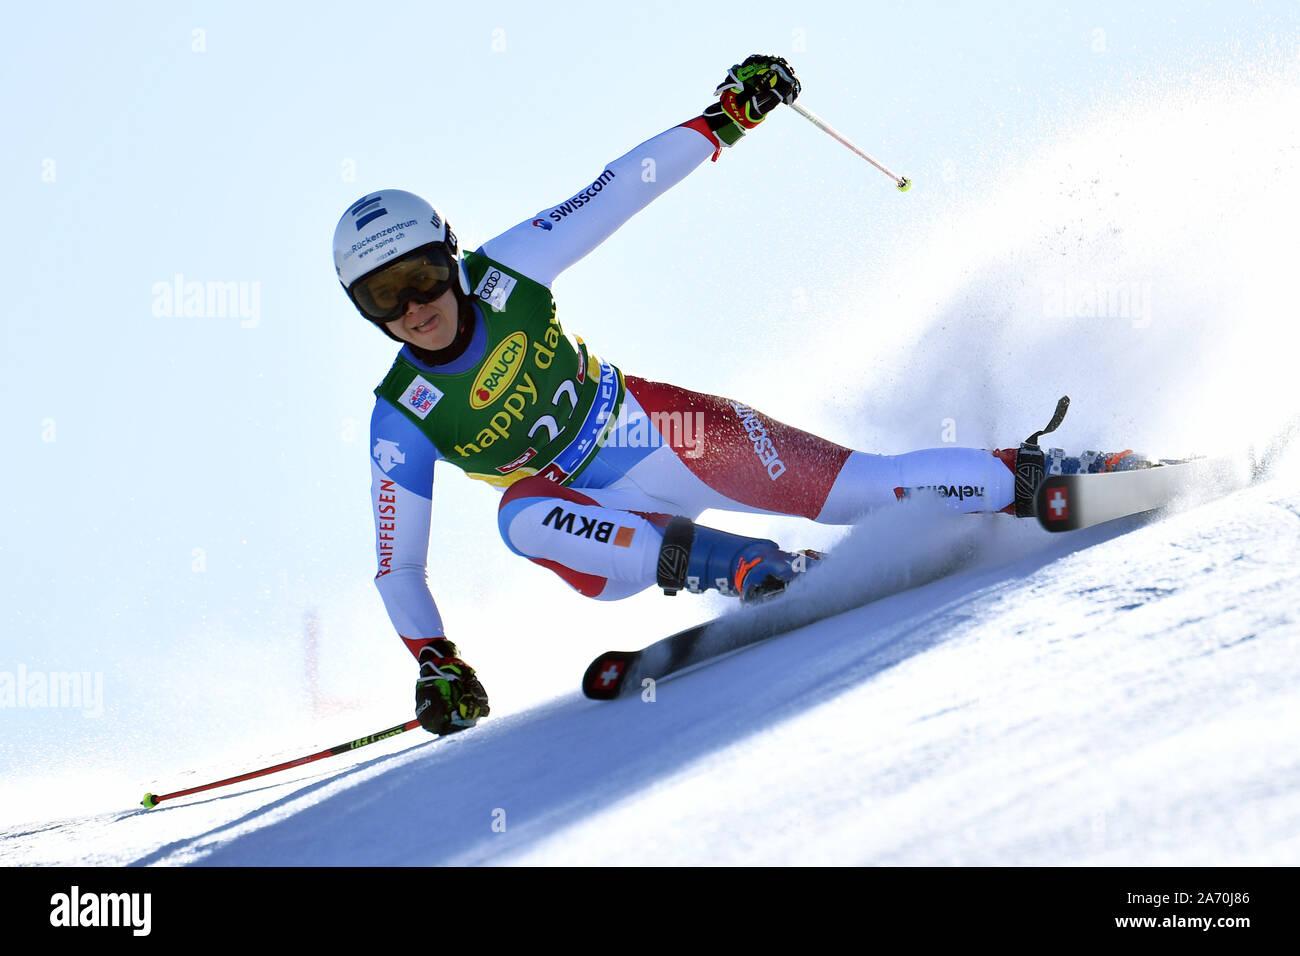 """Andrea ELLENBERGER (SUI), Acción, slalom gigante Damas, slalom gigante"""". Copa del Mundo de Esquí alpino, en Soelden en el glaciar de Rettenbach, Rettenbachferner, temporada en 2019/2020, 19/20, de 26.10.2019. Uso   en todo el mundo Foto de stock"""